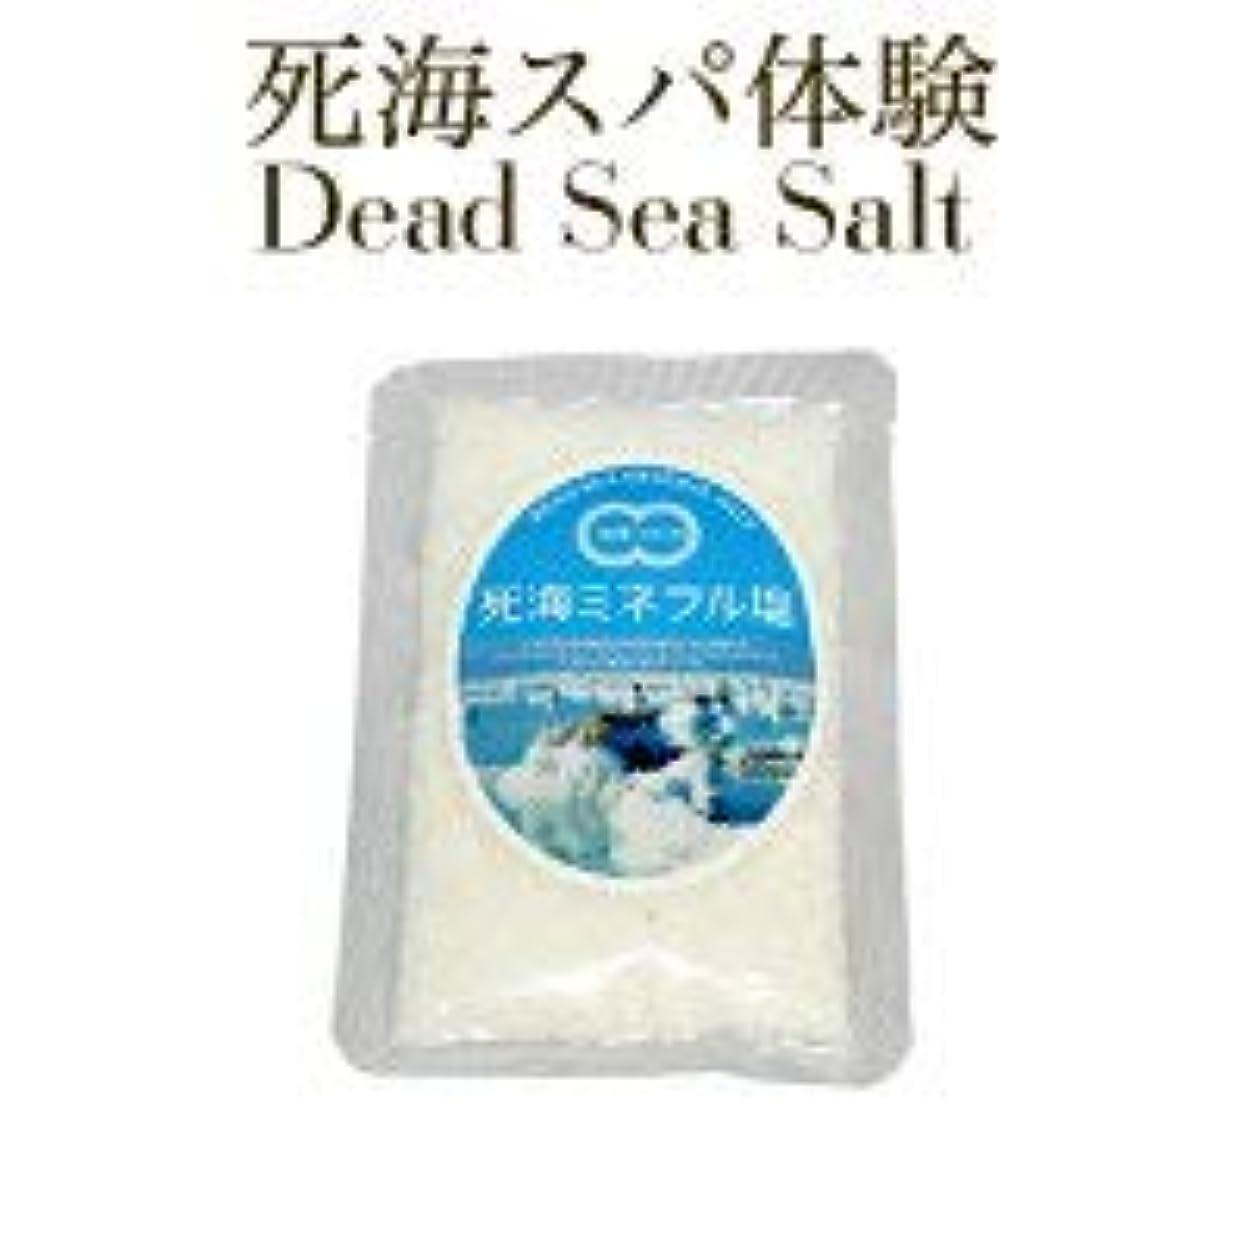 ジャベスウィルソン断言する転送死海ミネラル塩100g